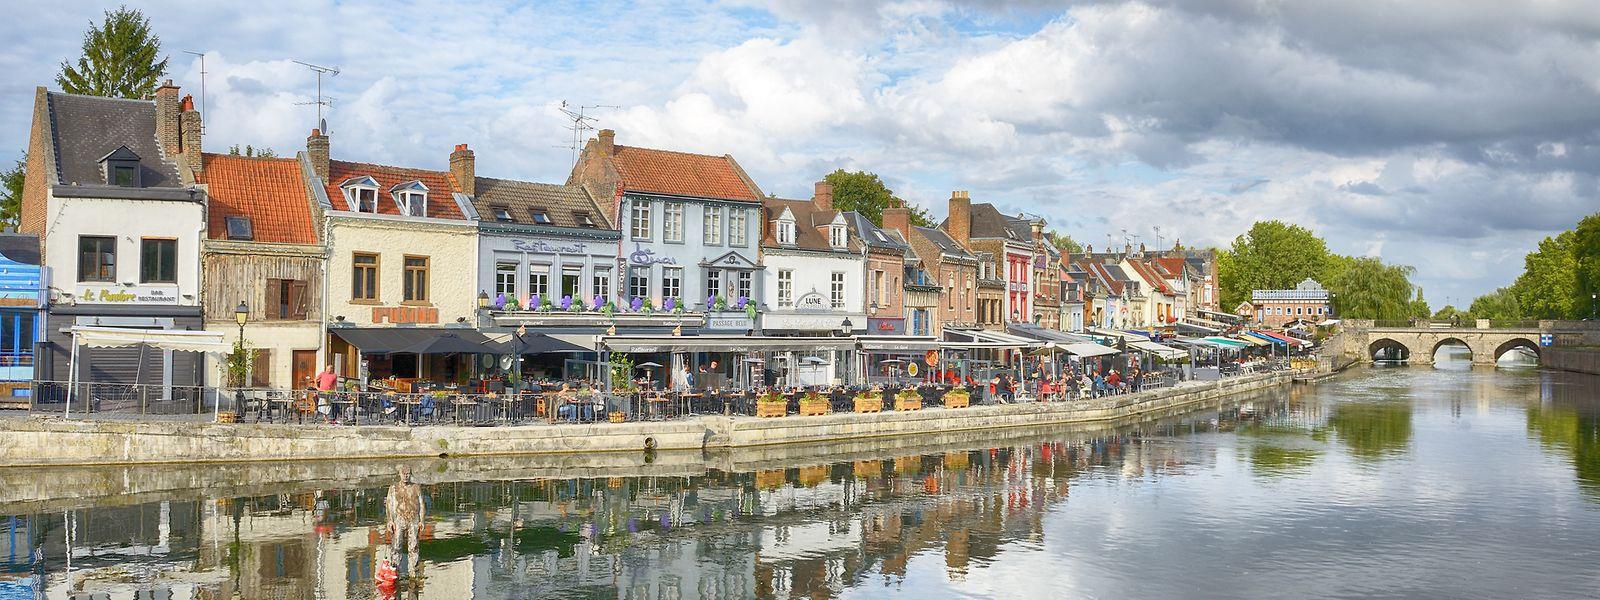 In Amiens kann man entlang der Somme flanieren, lokale Gastronomie genießen und die historischen Gartenanlagen per Boot erkunden.